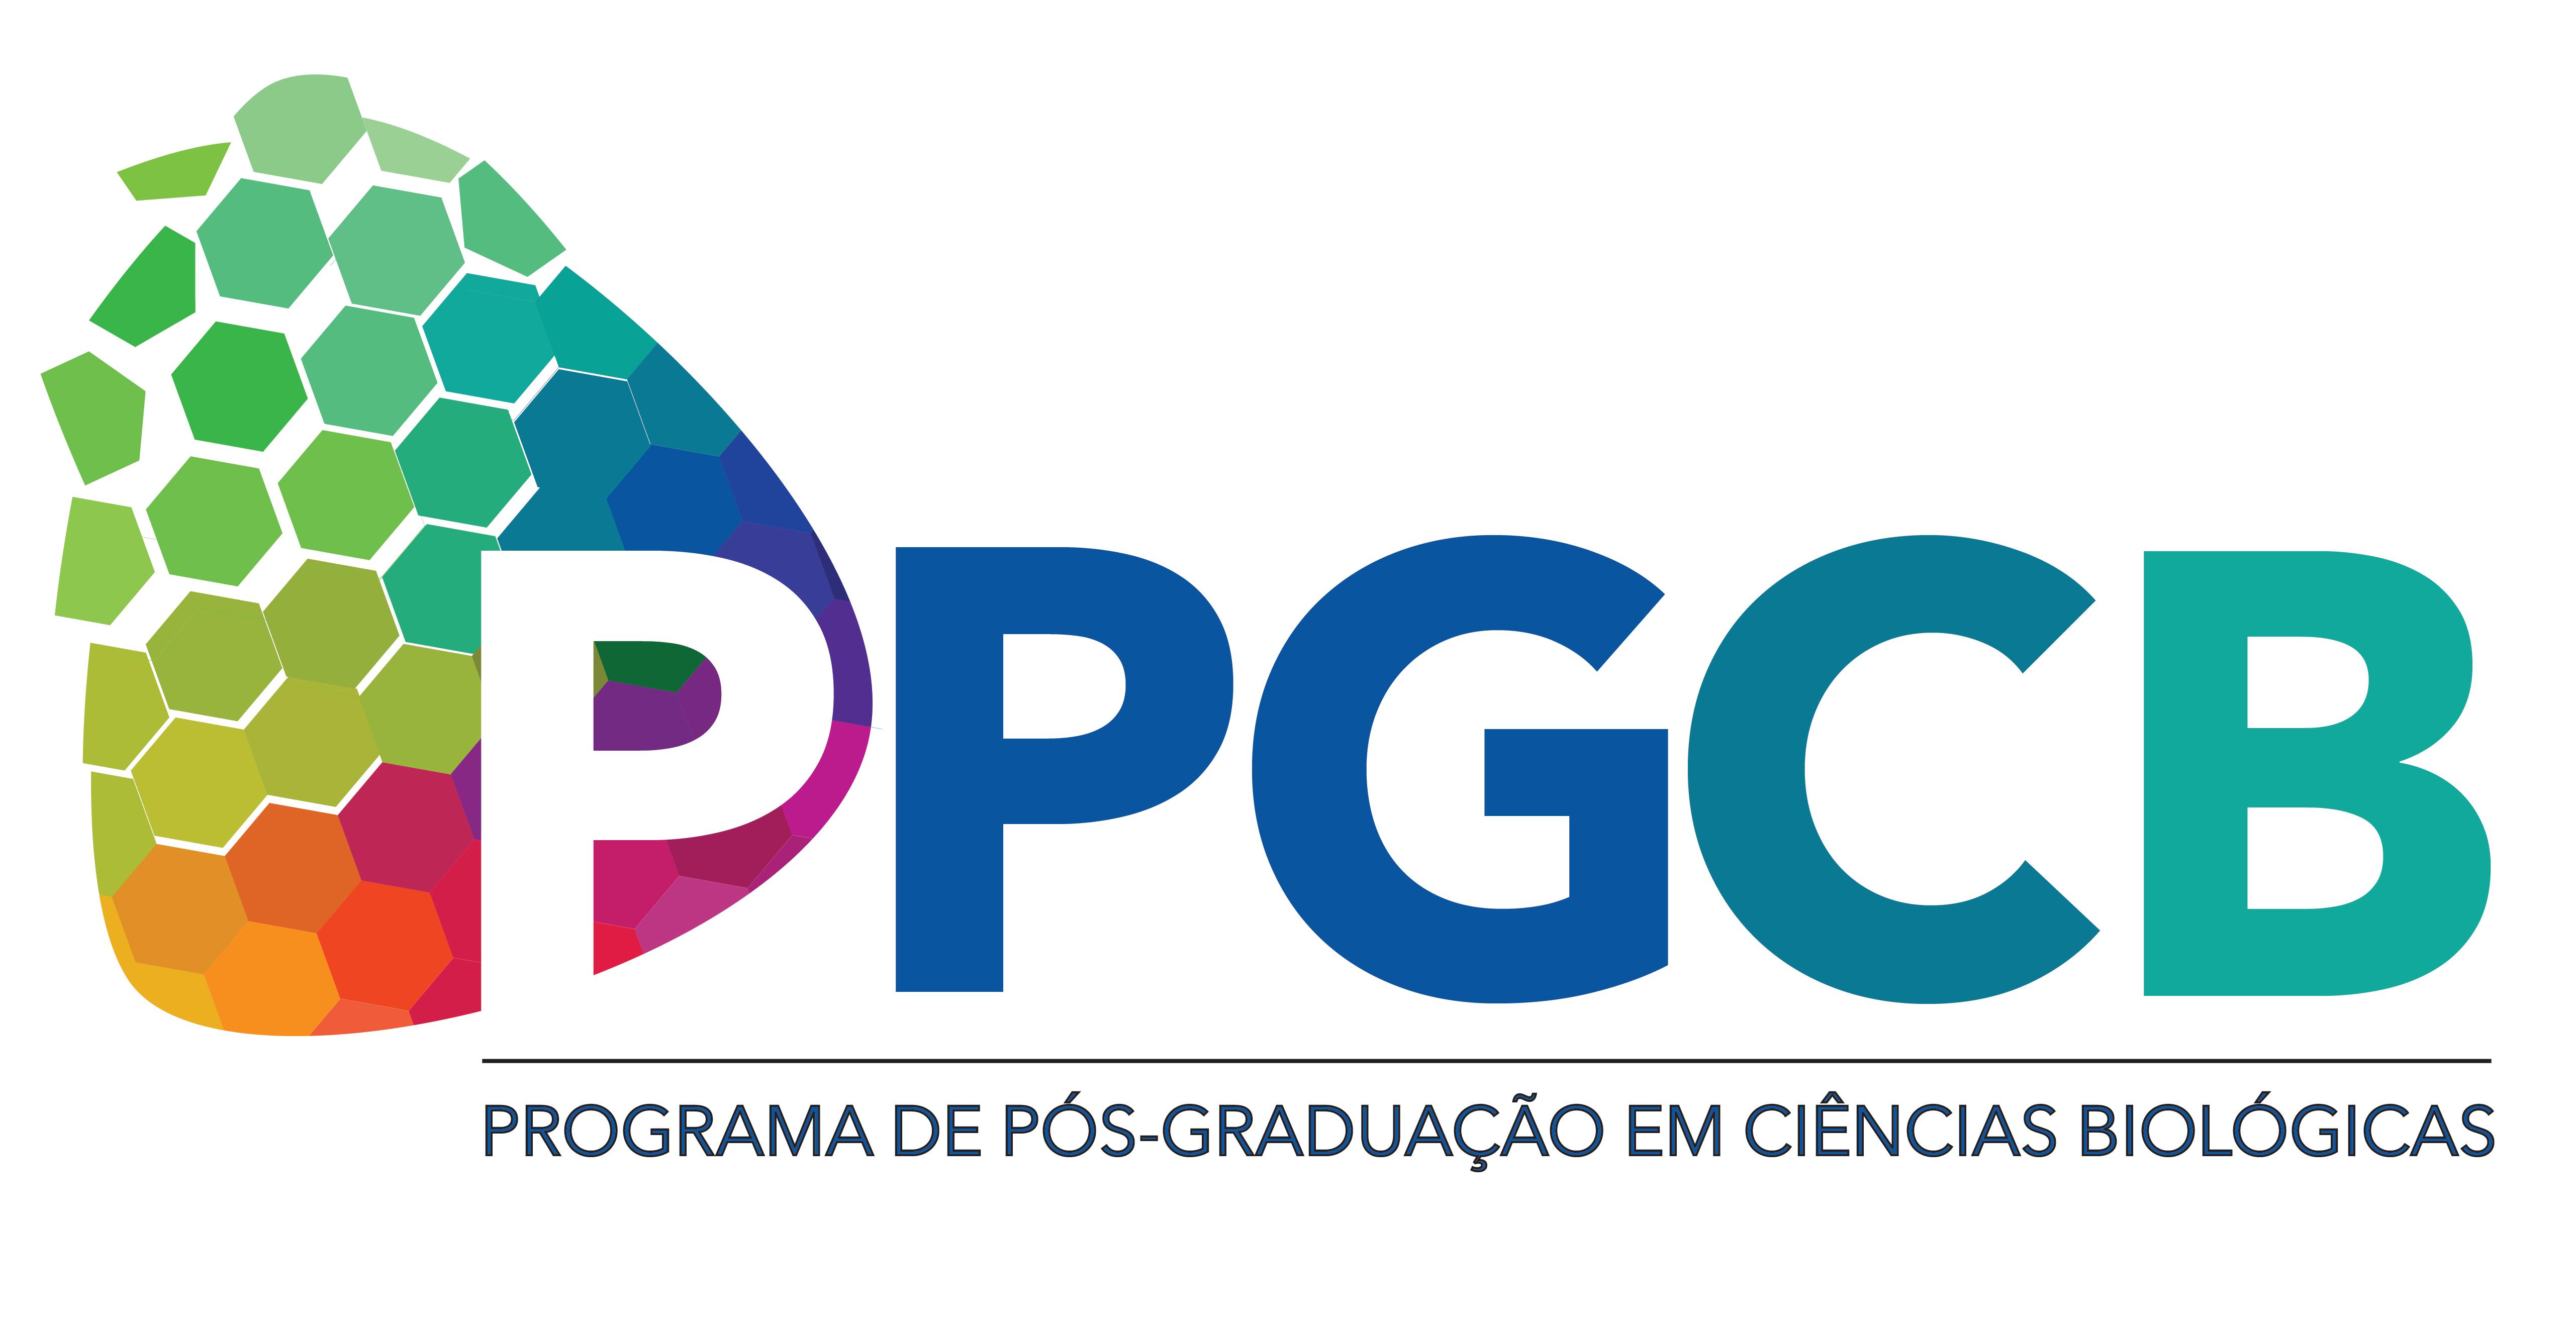 PPGCB transparente